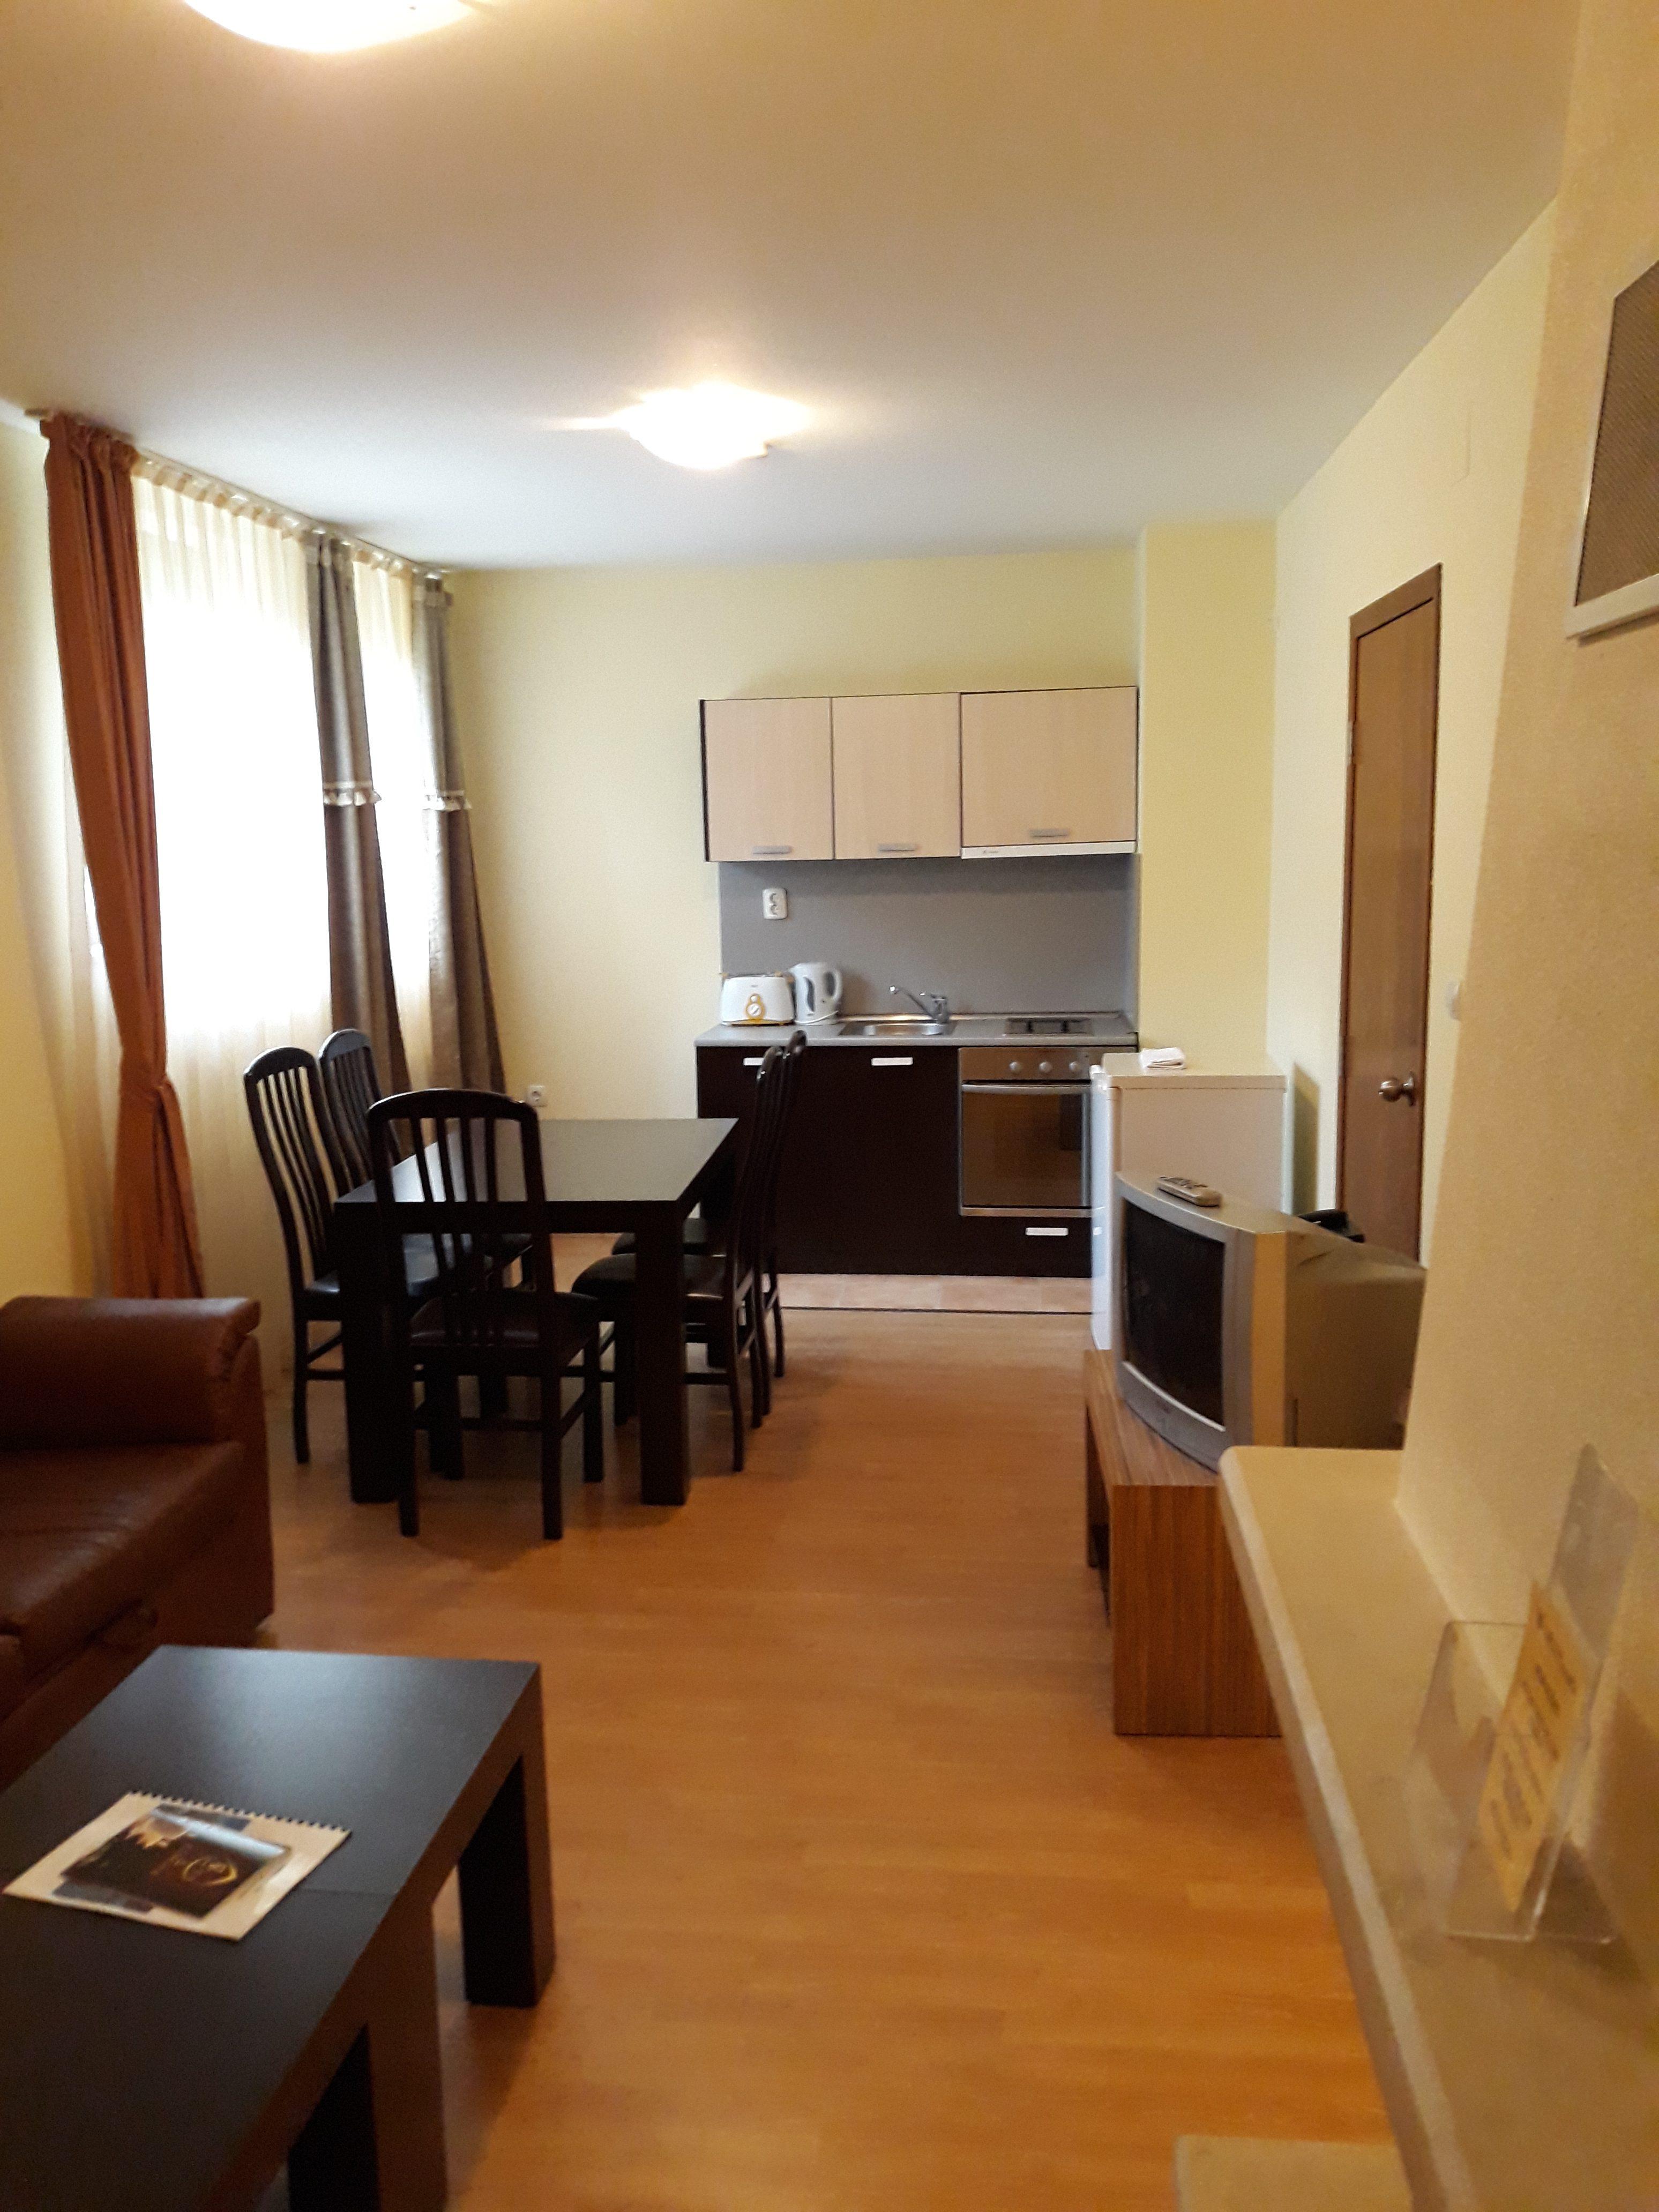 Наем на апартамент с две спални в комплекс Замъка